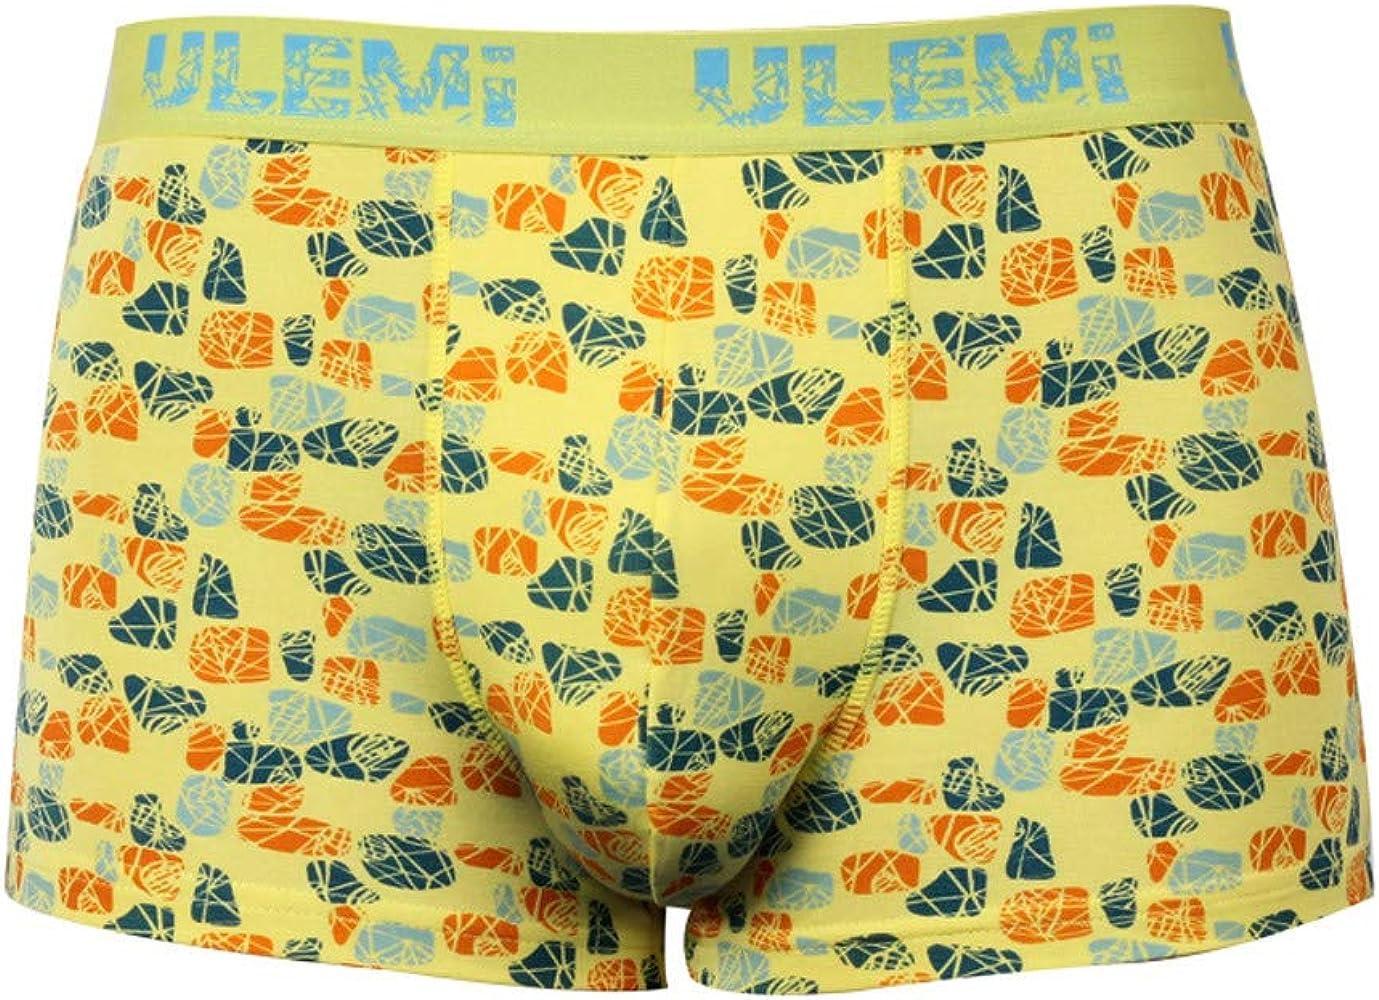 DedSecQAQ Trajes de baño Fajas para Mujeres Fajas hasta la Rodilla Leotardo Negro patrón de Costura del corsé Disfraz de Blancanieves Sexy: Amazon.es: Ropa y accesorios